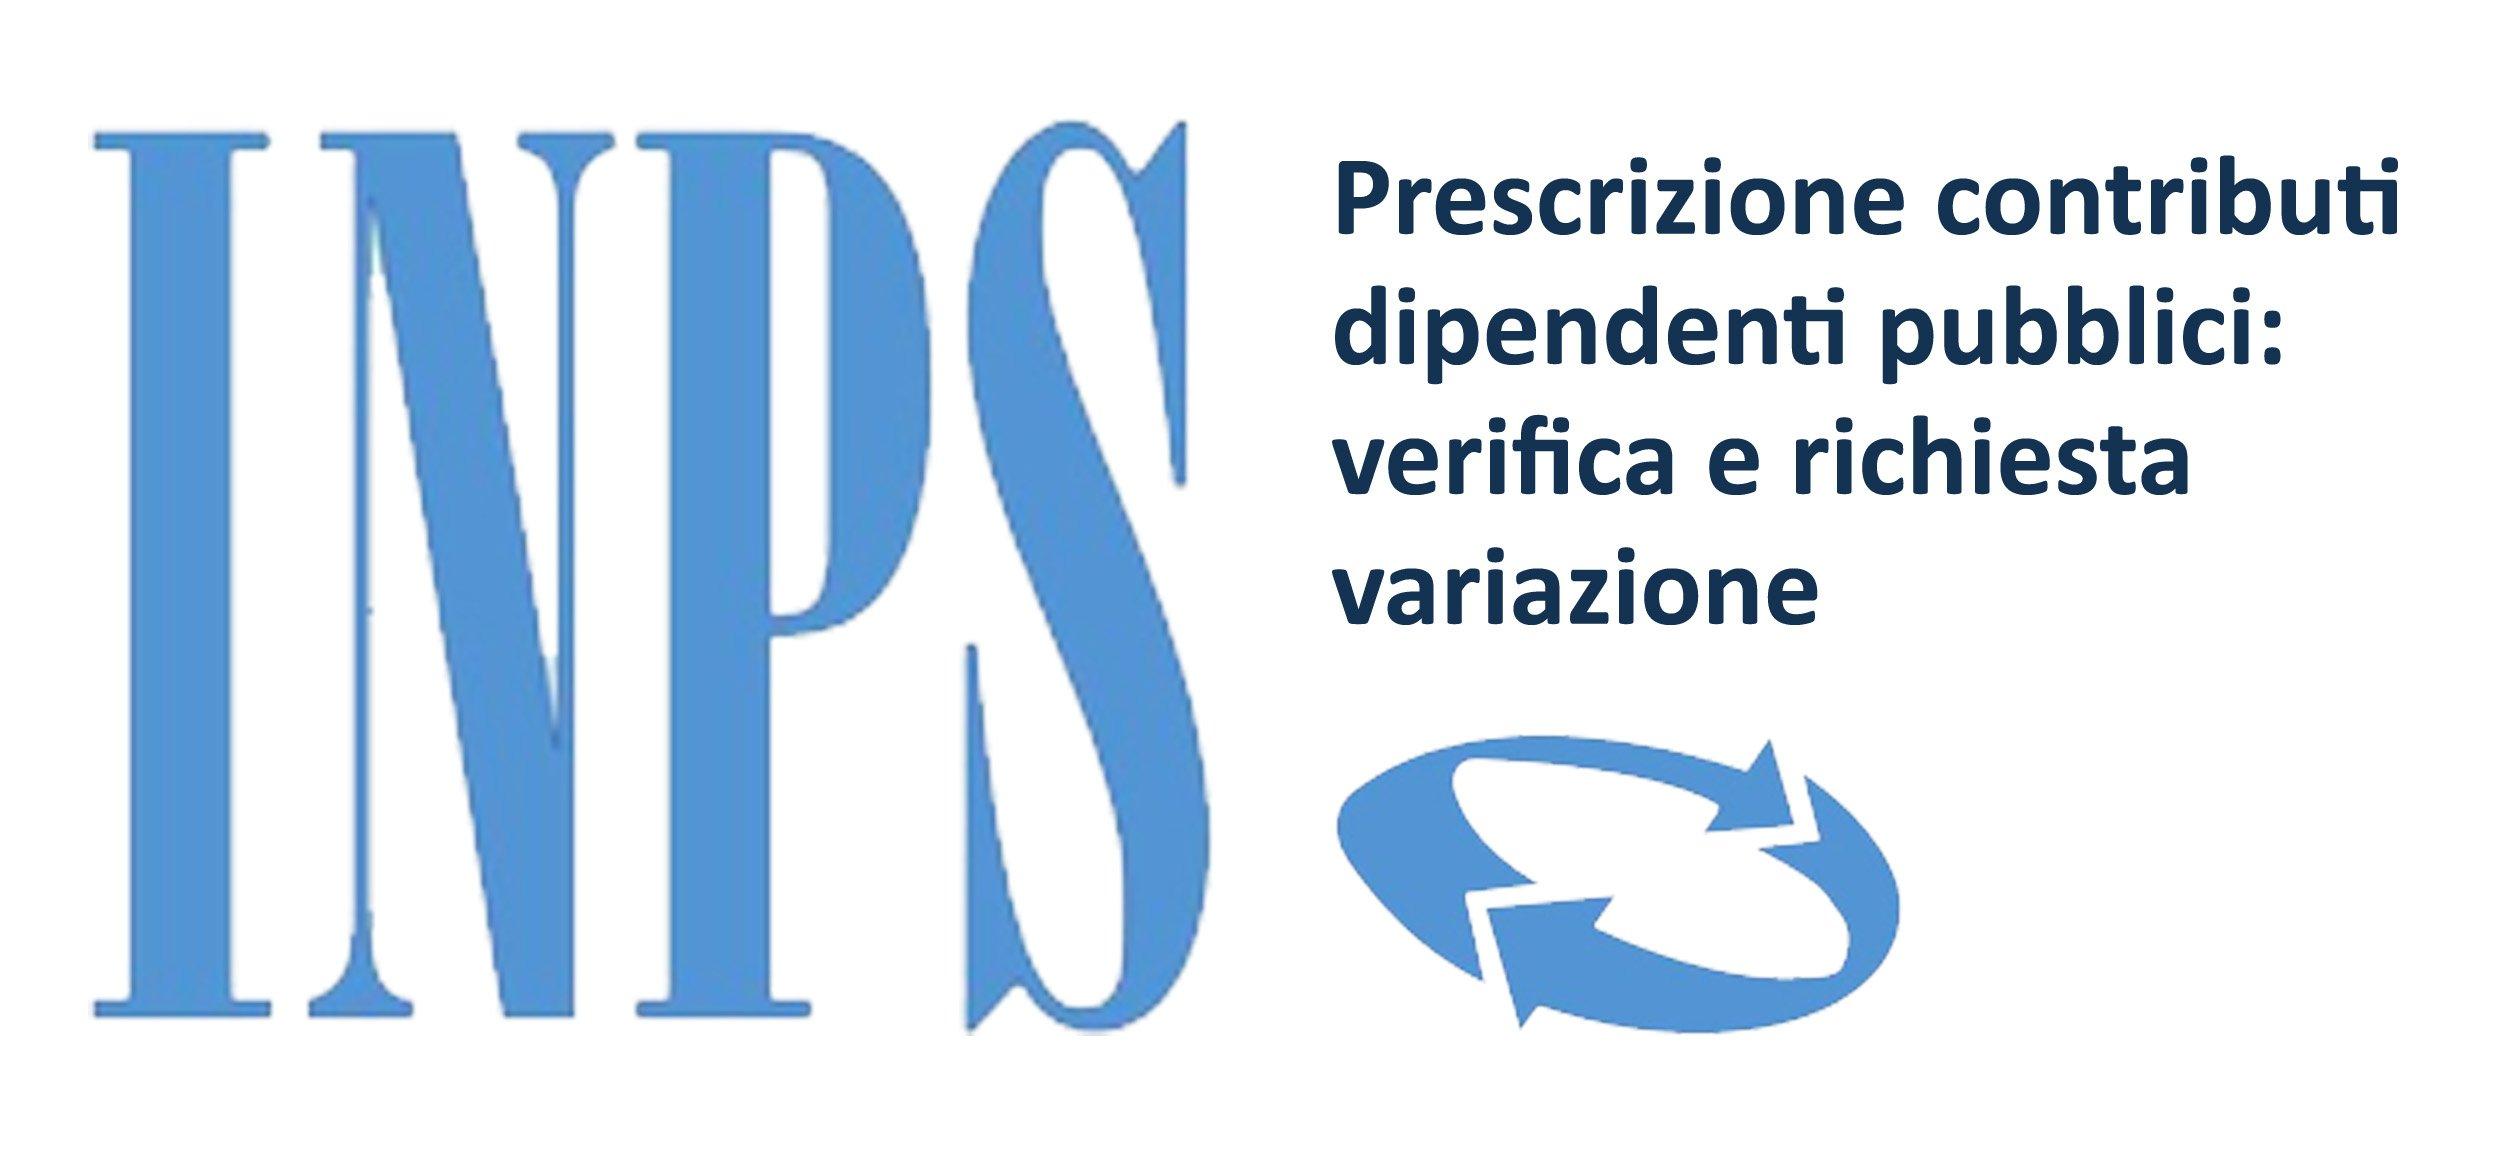 Prescrizione contributi INPDAP dipendenti pubblici: verifica e richiesta variazione